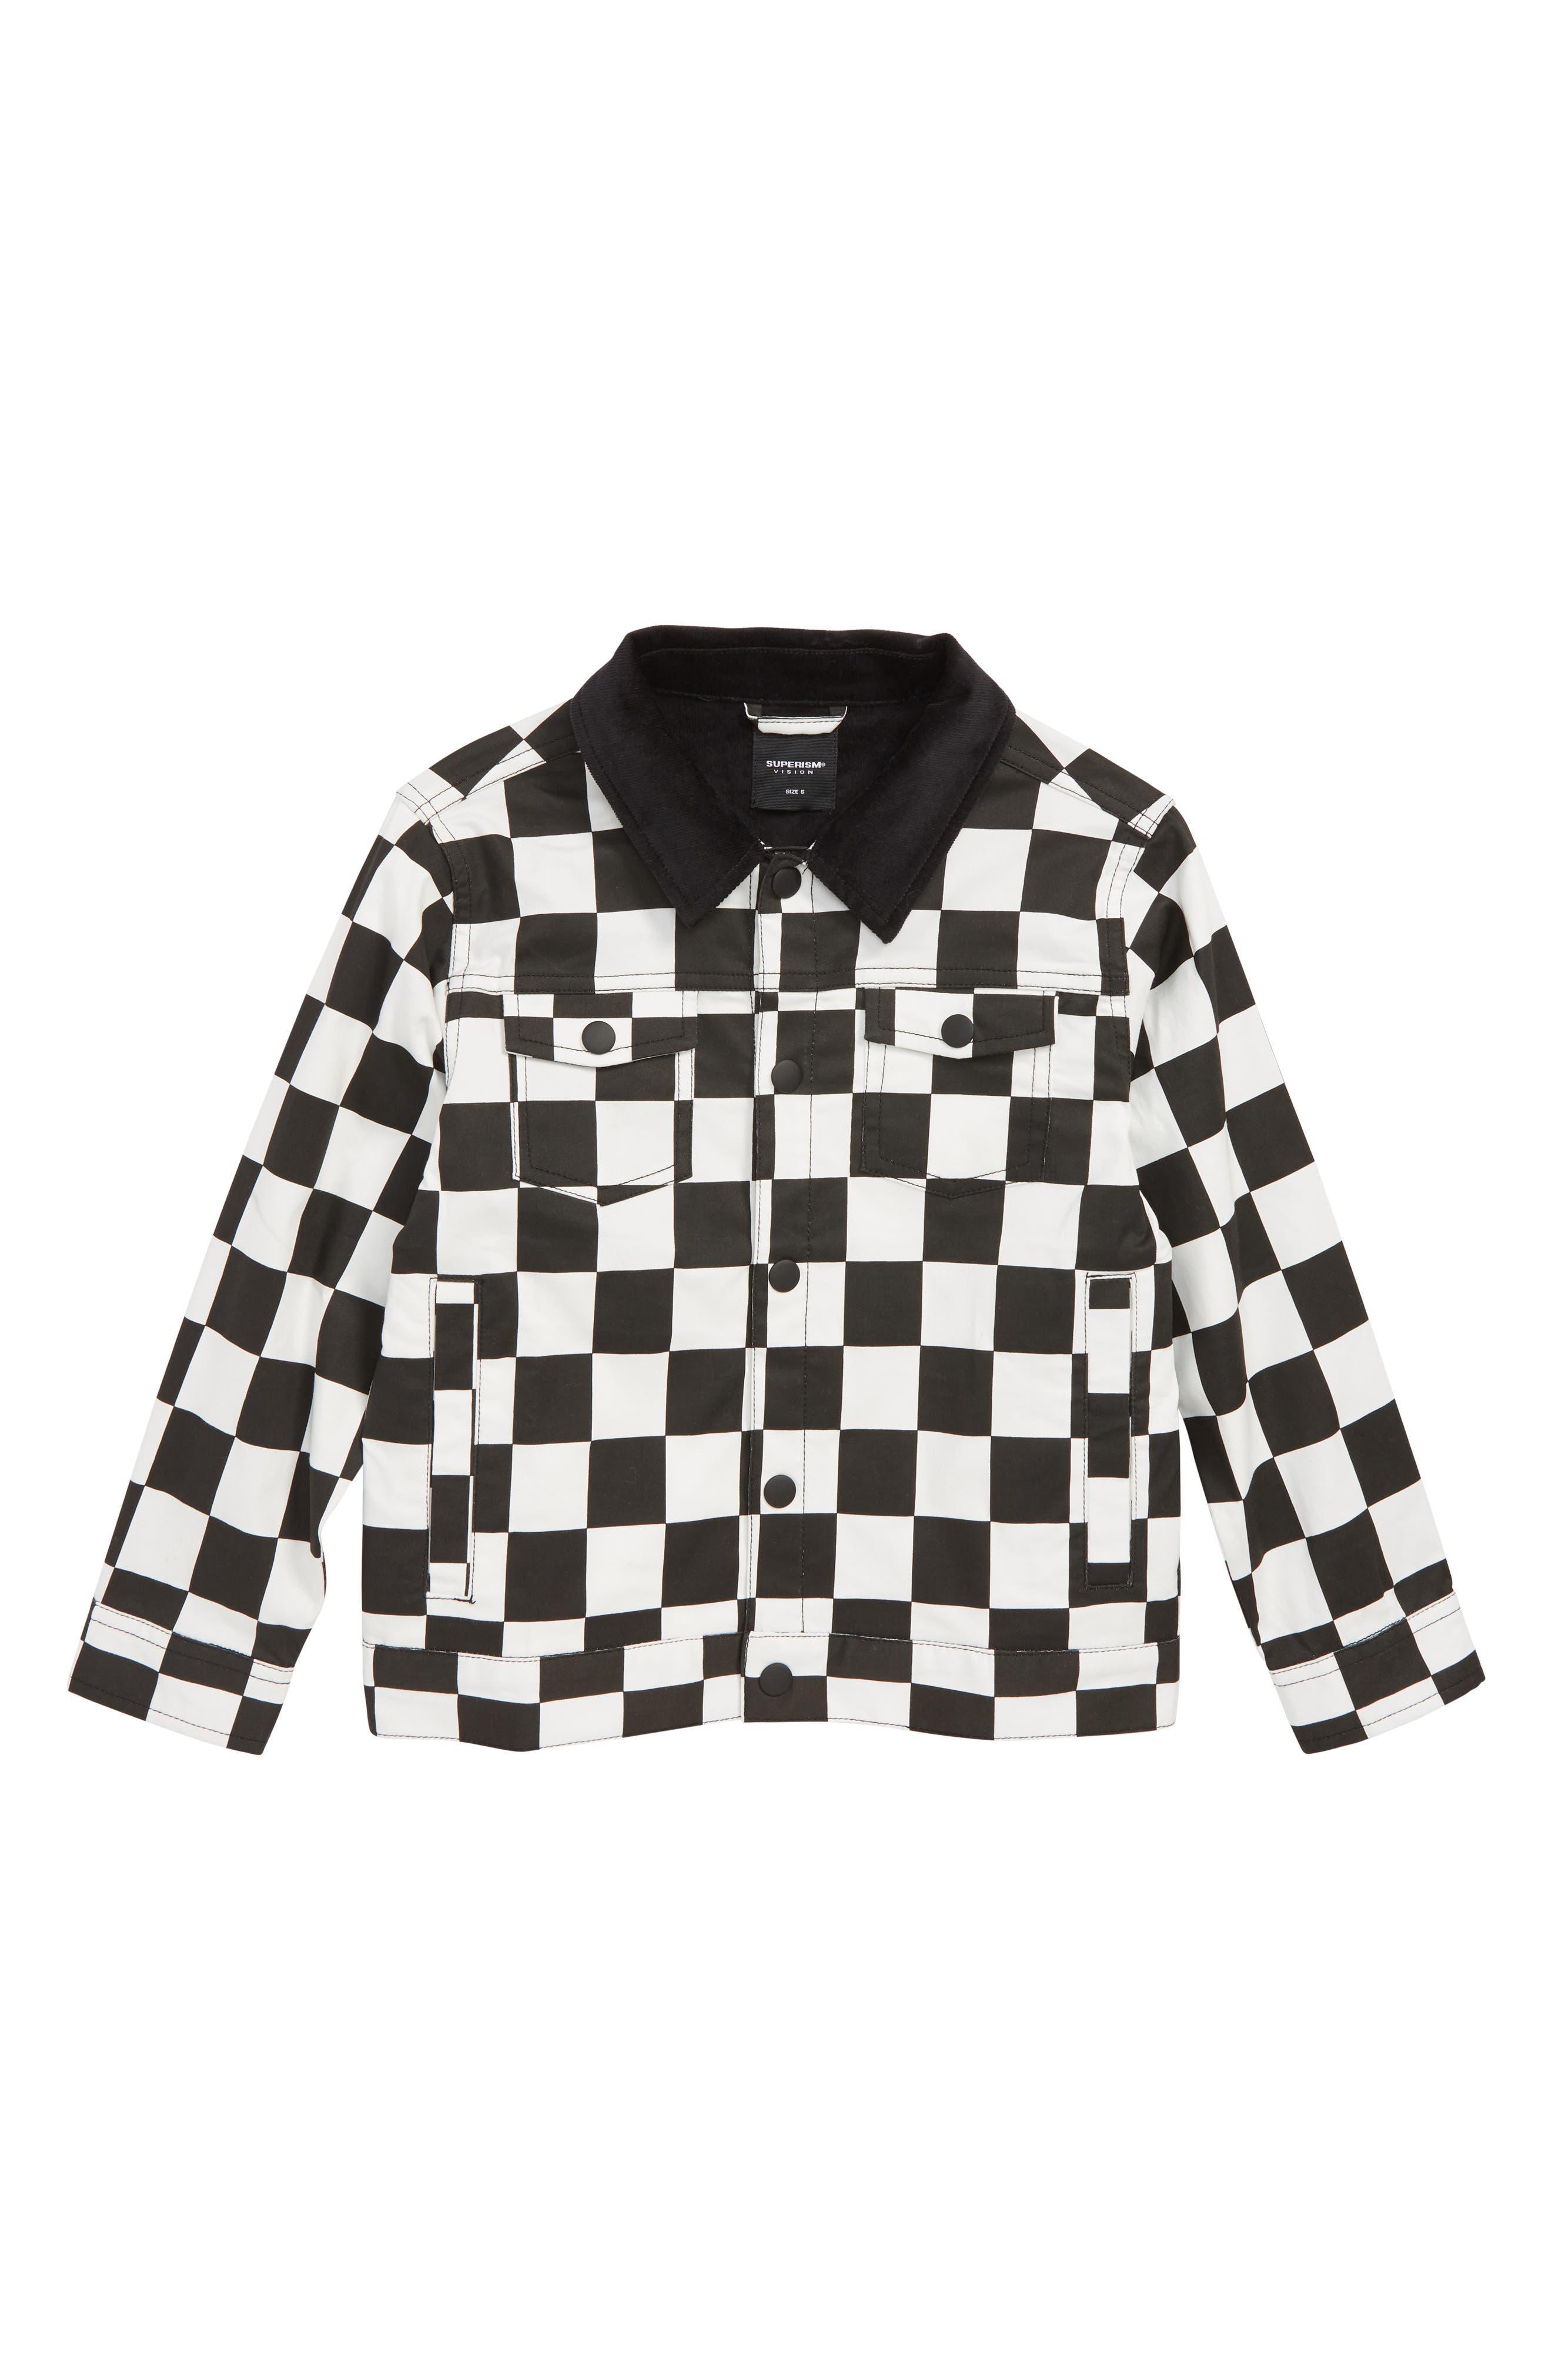 Colton Checkerboard Jacket,                             Main thumbnail 1, color,                             001